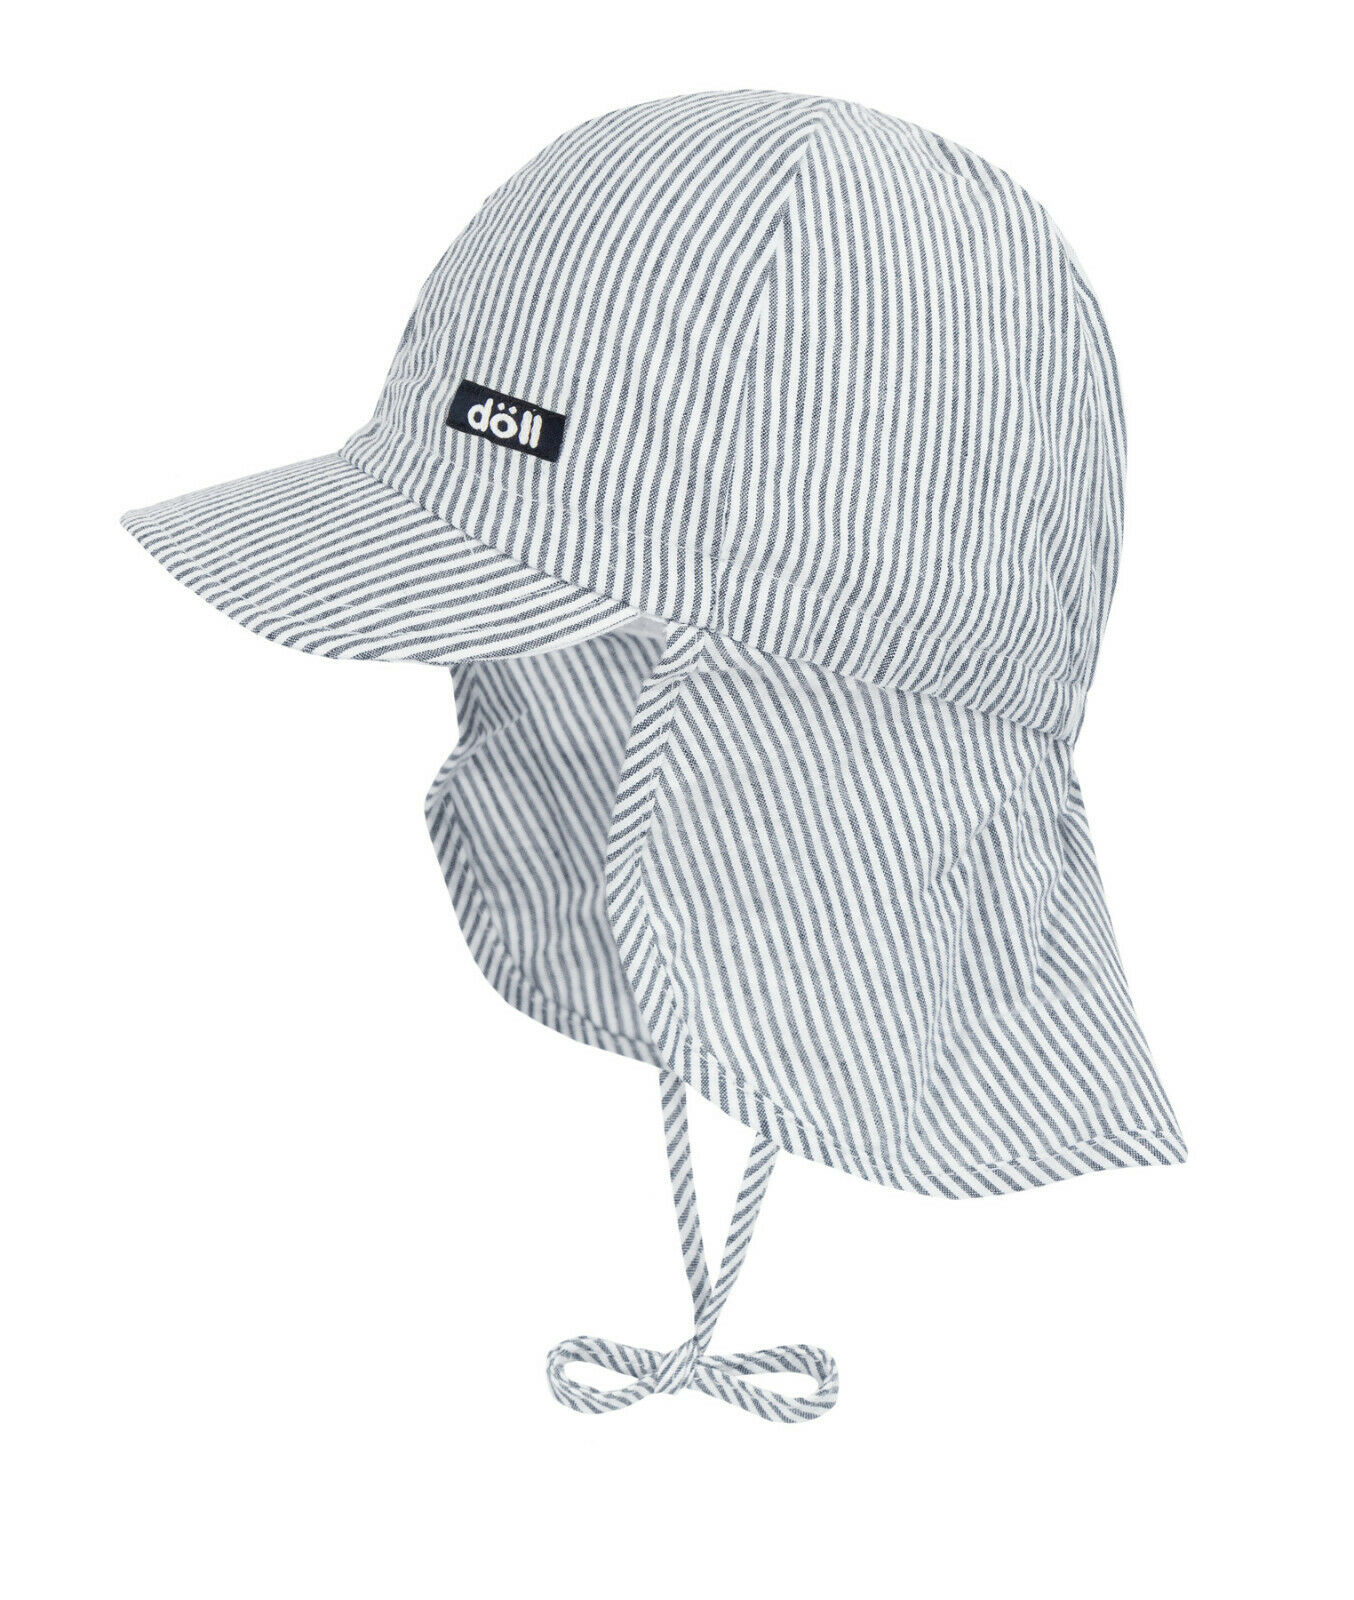 DÖLL® Jungen Sonnenhut Hut Nackenschutz Mütze Blau 39-53 S 2019 NEU!